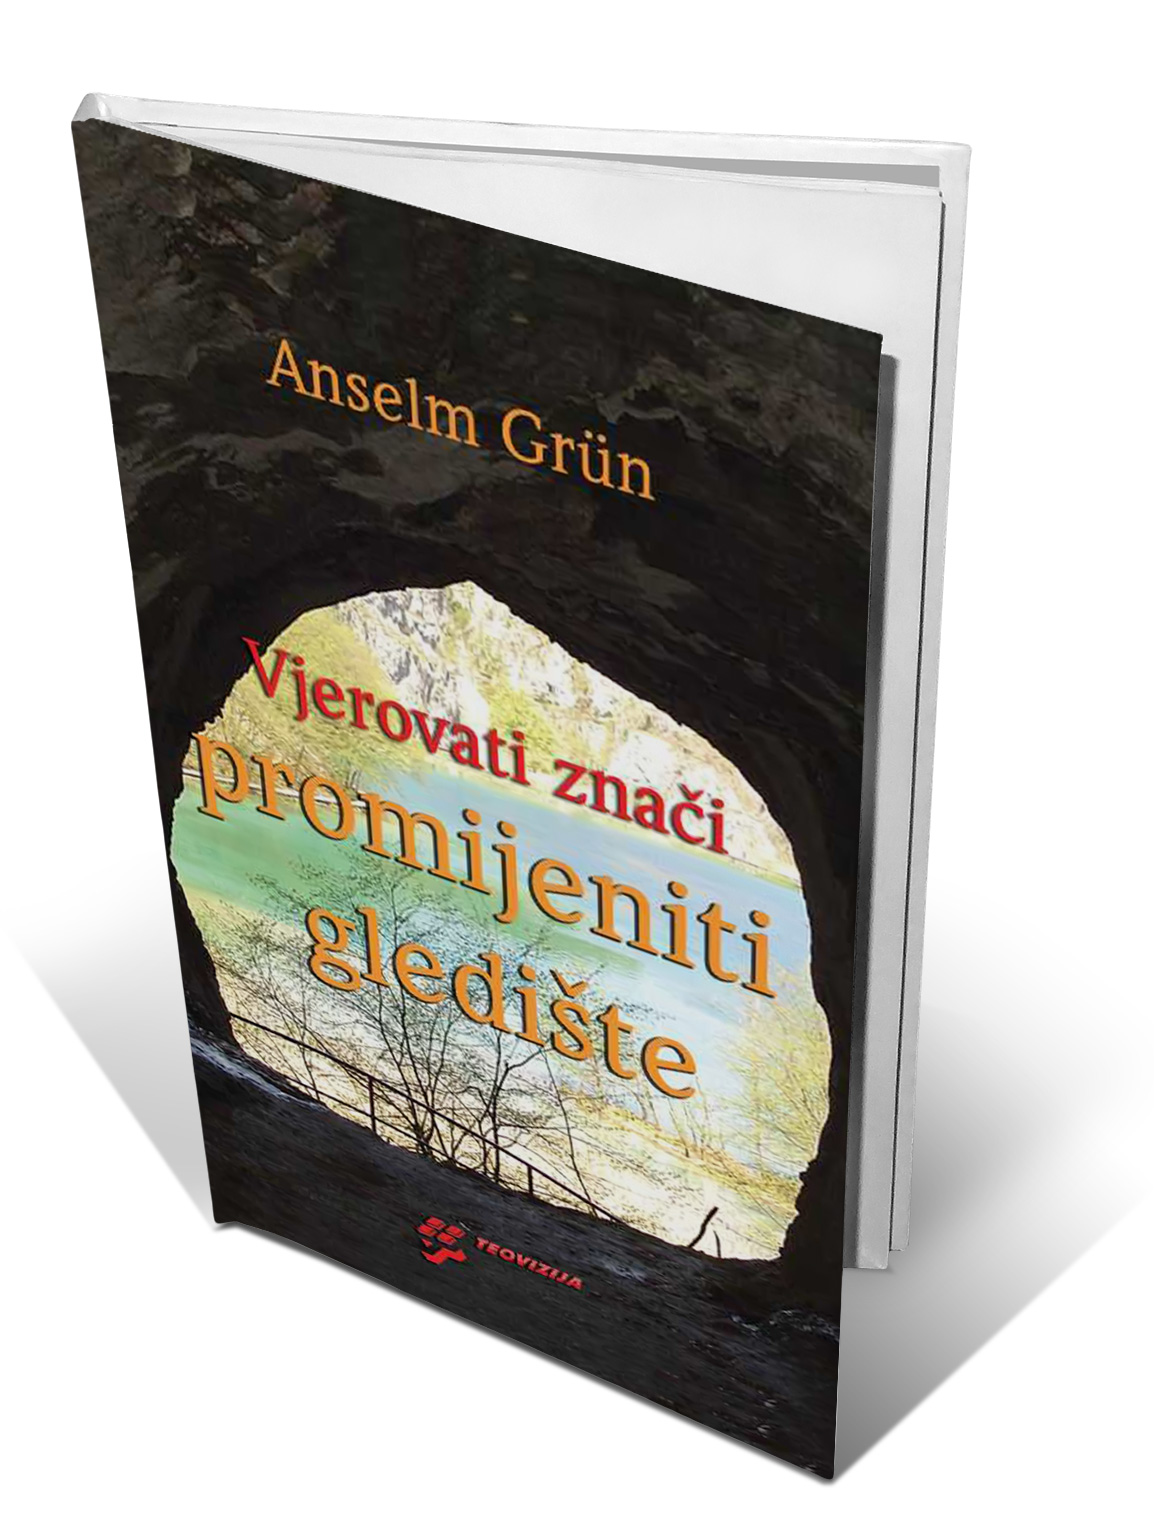 VJEROVATI ZNAČI PROMJENITI GLEDIŠTE - Anselm Grün